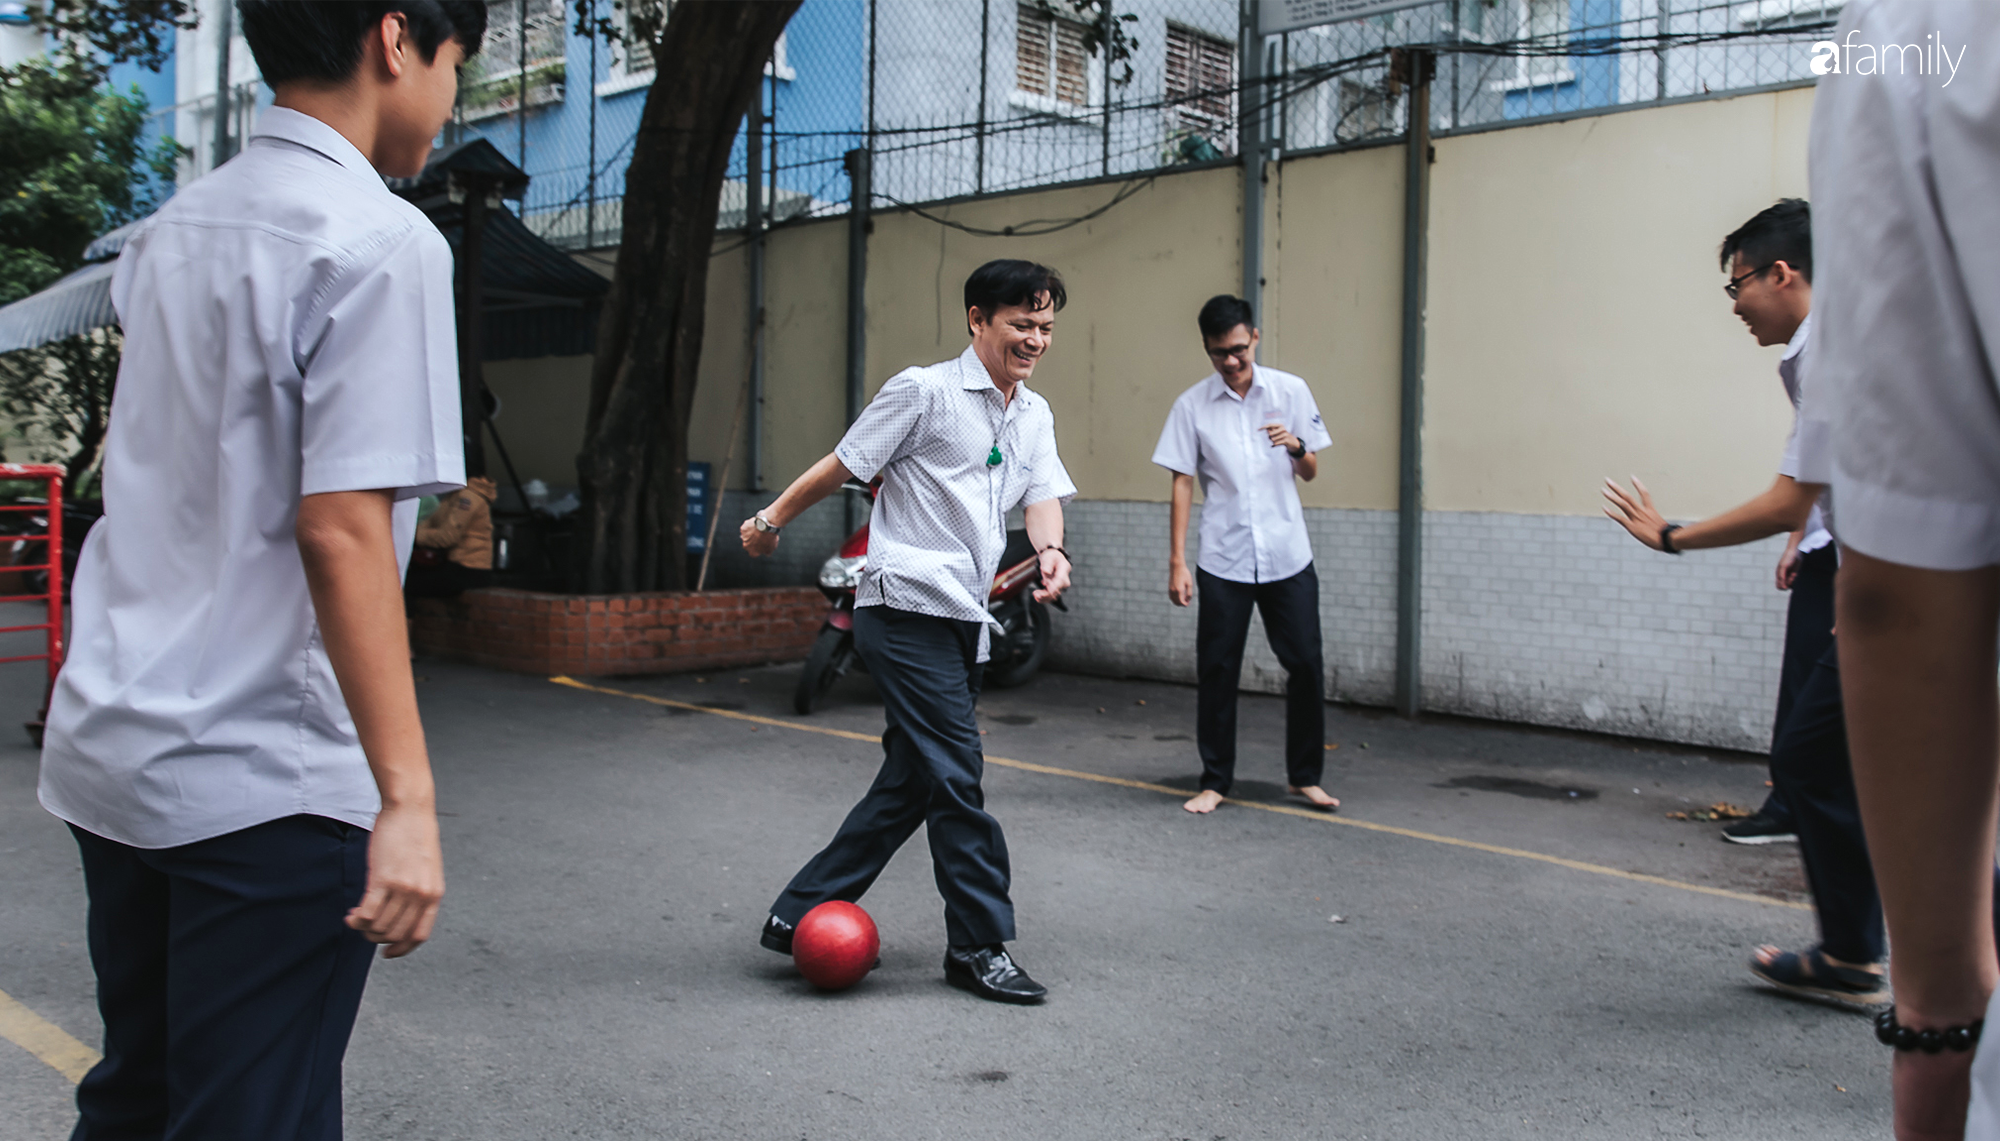 """Thầy giám thị """"độc nhất vô nhị"""" ở Sài Gòn, 21 năm được học sinh say mê, nghỉ hưu rồi học trò buồn vì mất người """"bảo vệ""""  - Ảnh 5."""